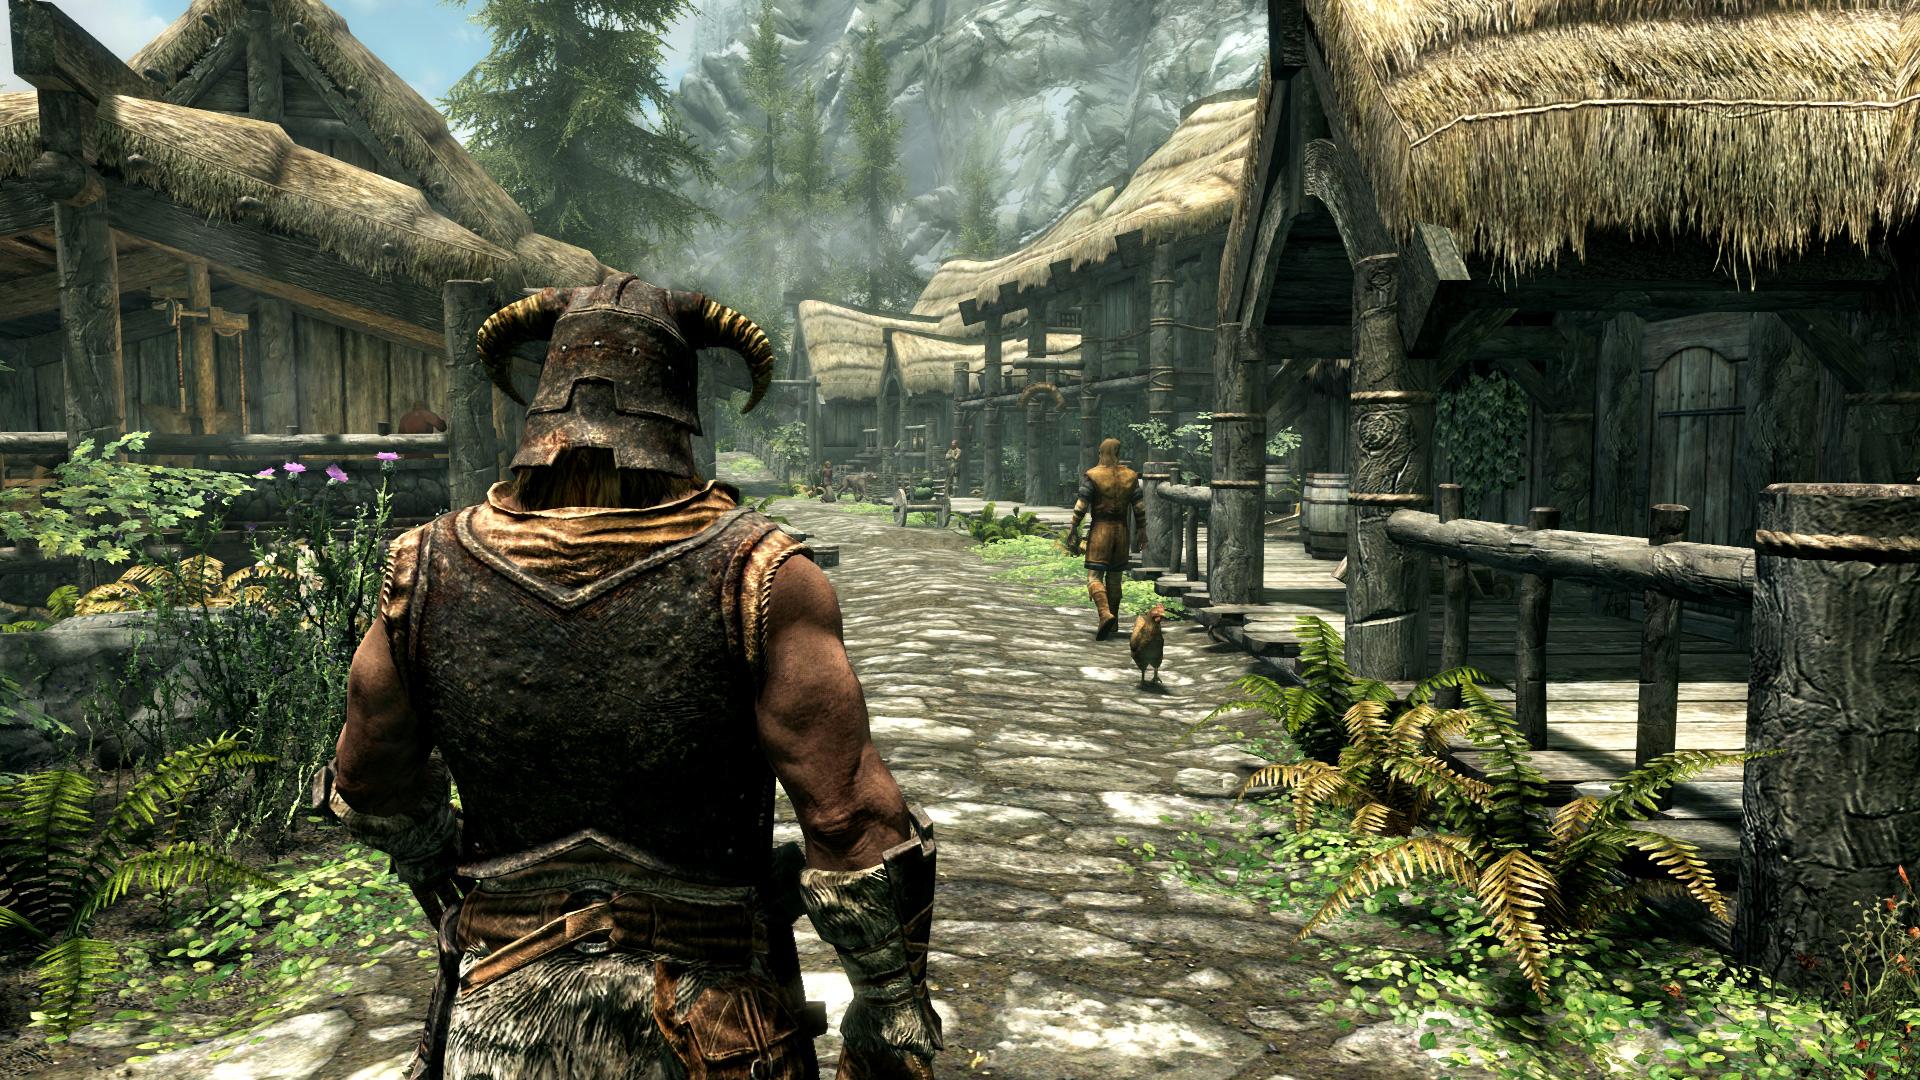 Итоги 2010-х: 10 лучших фантастических видеоигр поверсии читателей МФ 9